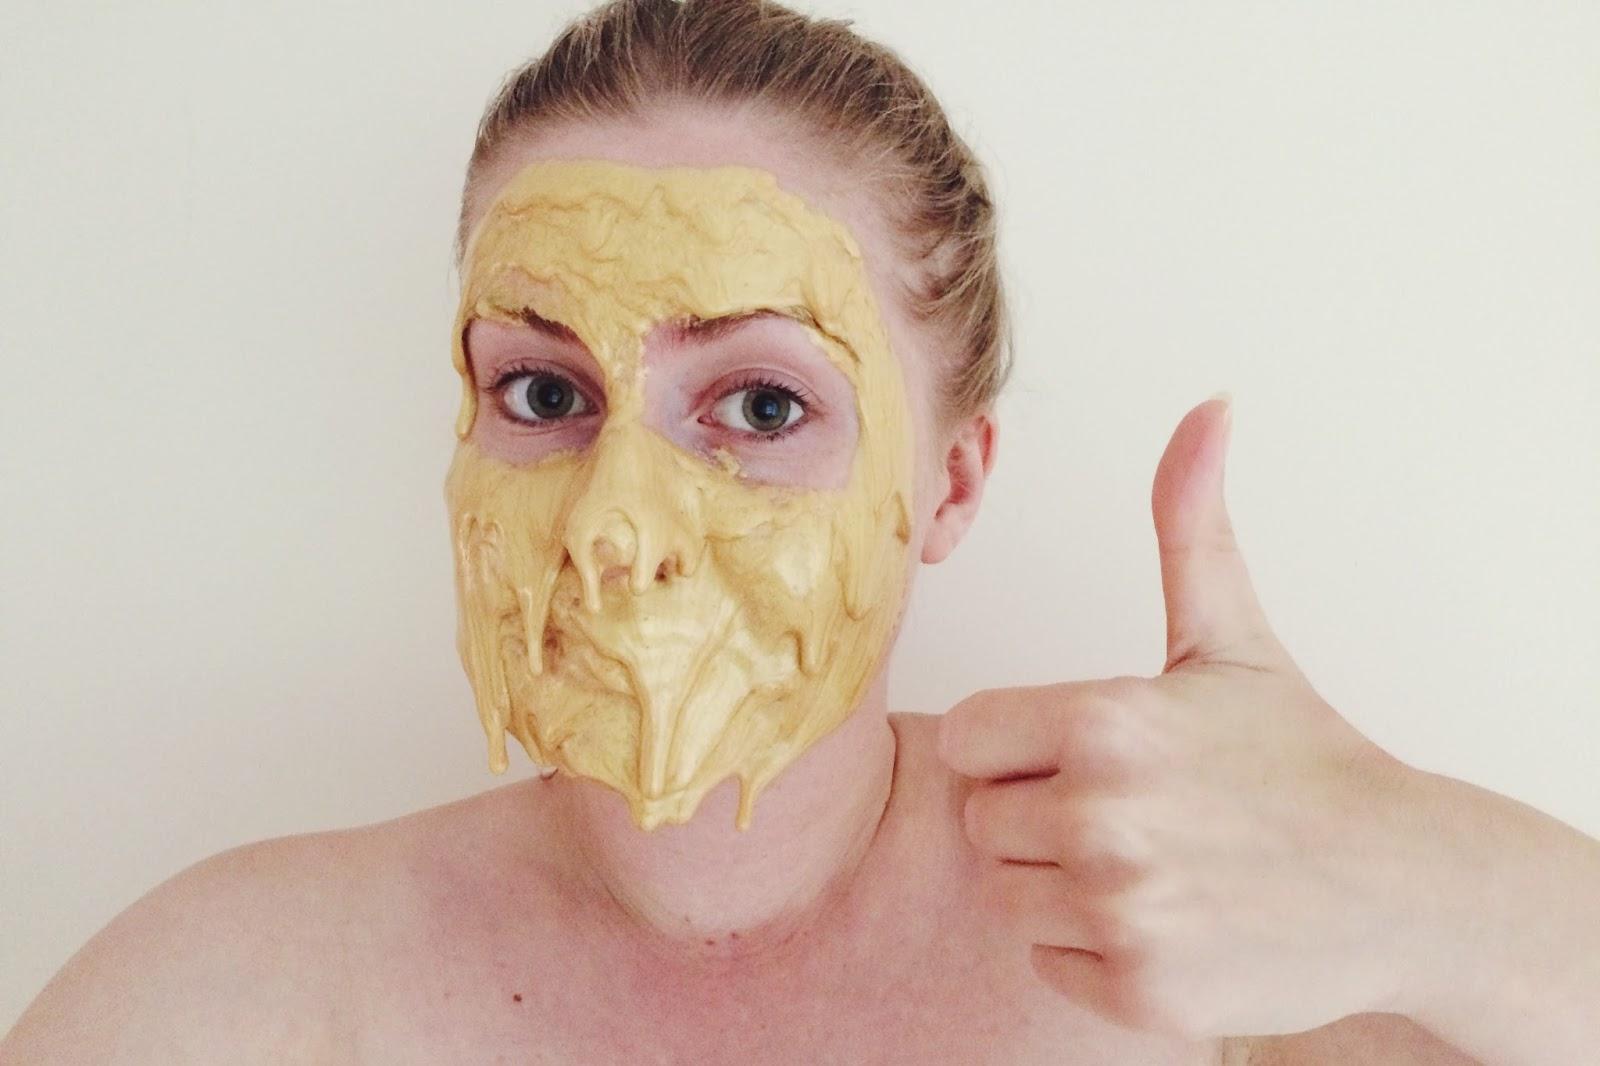 Kt gold facial, amateur sex web cam